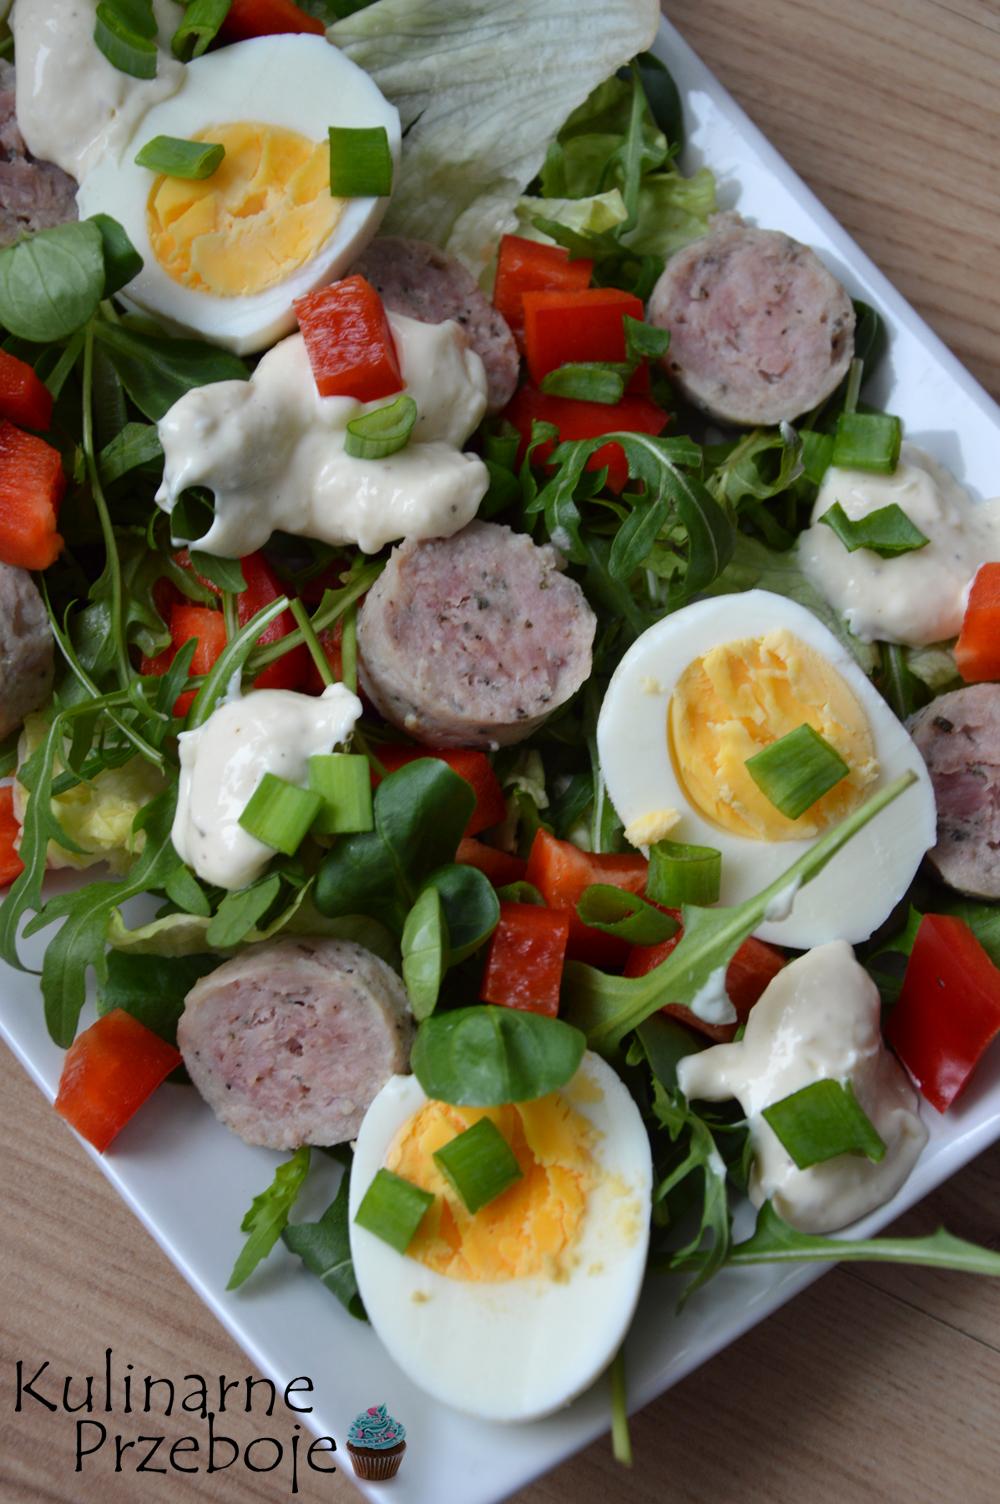 Kolorowa sałatka na talerzu z jajkiem, białą kiełbasą i szczypiorkiem